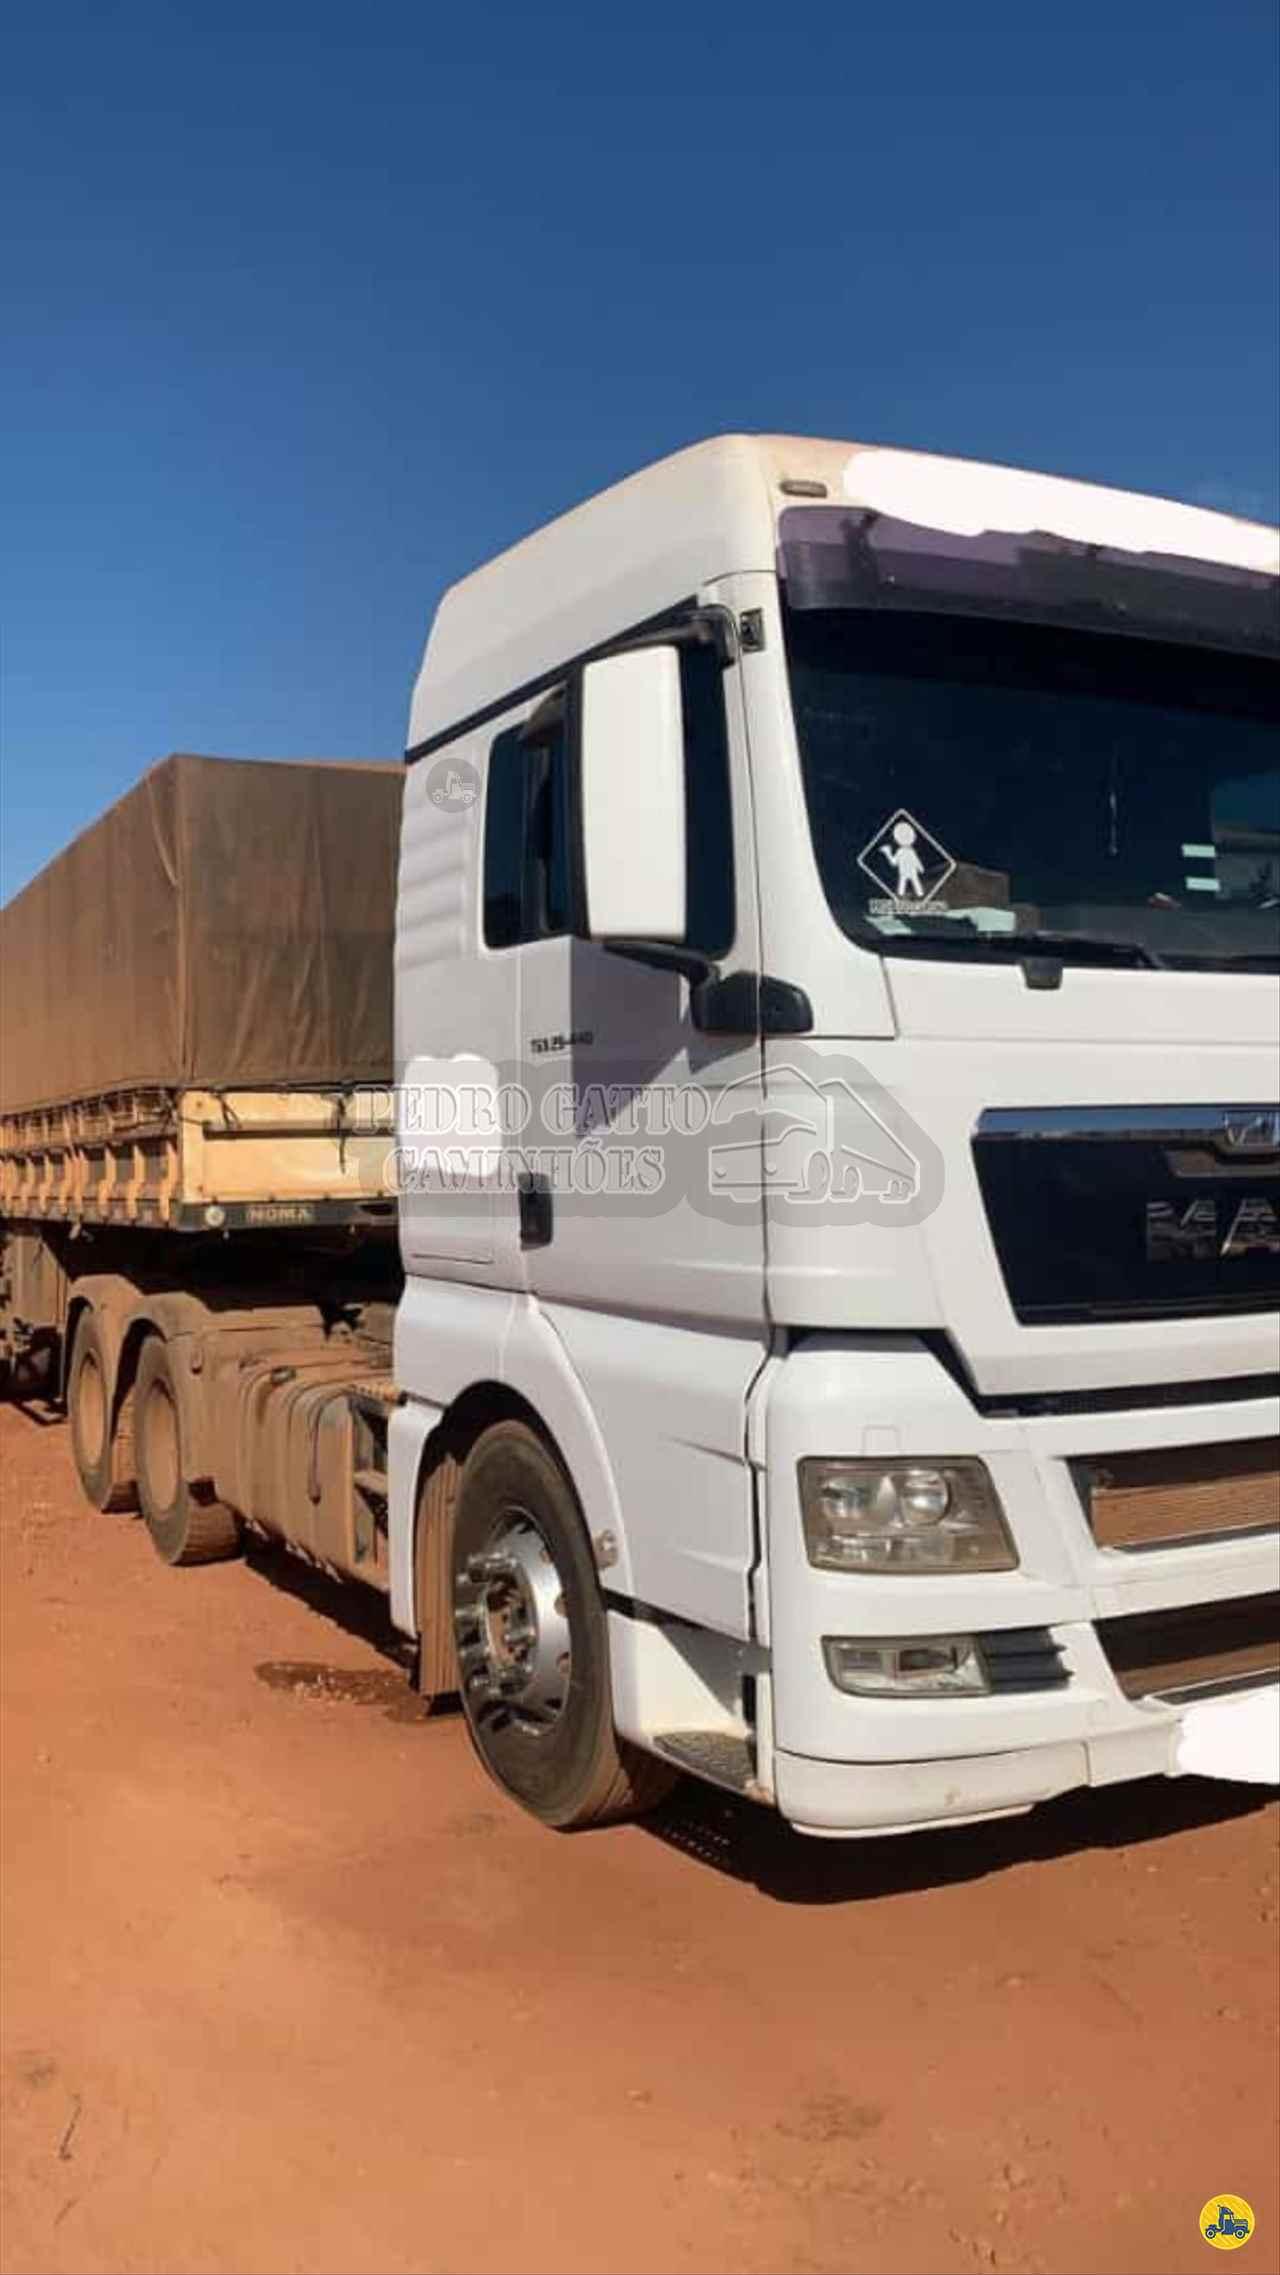 CAMINHAO MAN TGX 29 440 Cavalo Mecânico Traçado 6x4 Pedro Gatto Caminhões MARINGA PARANÁ PR